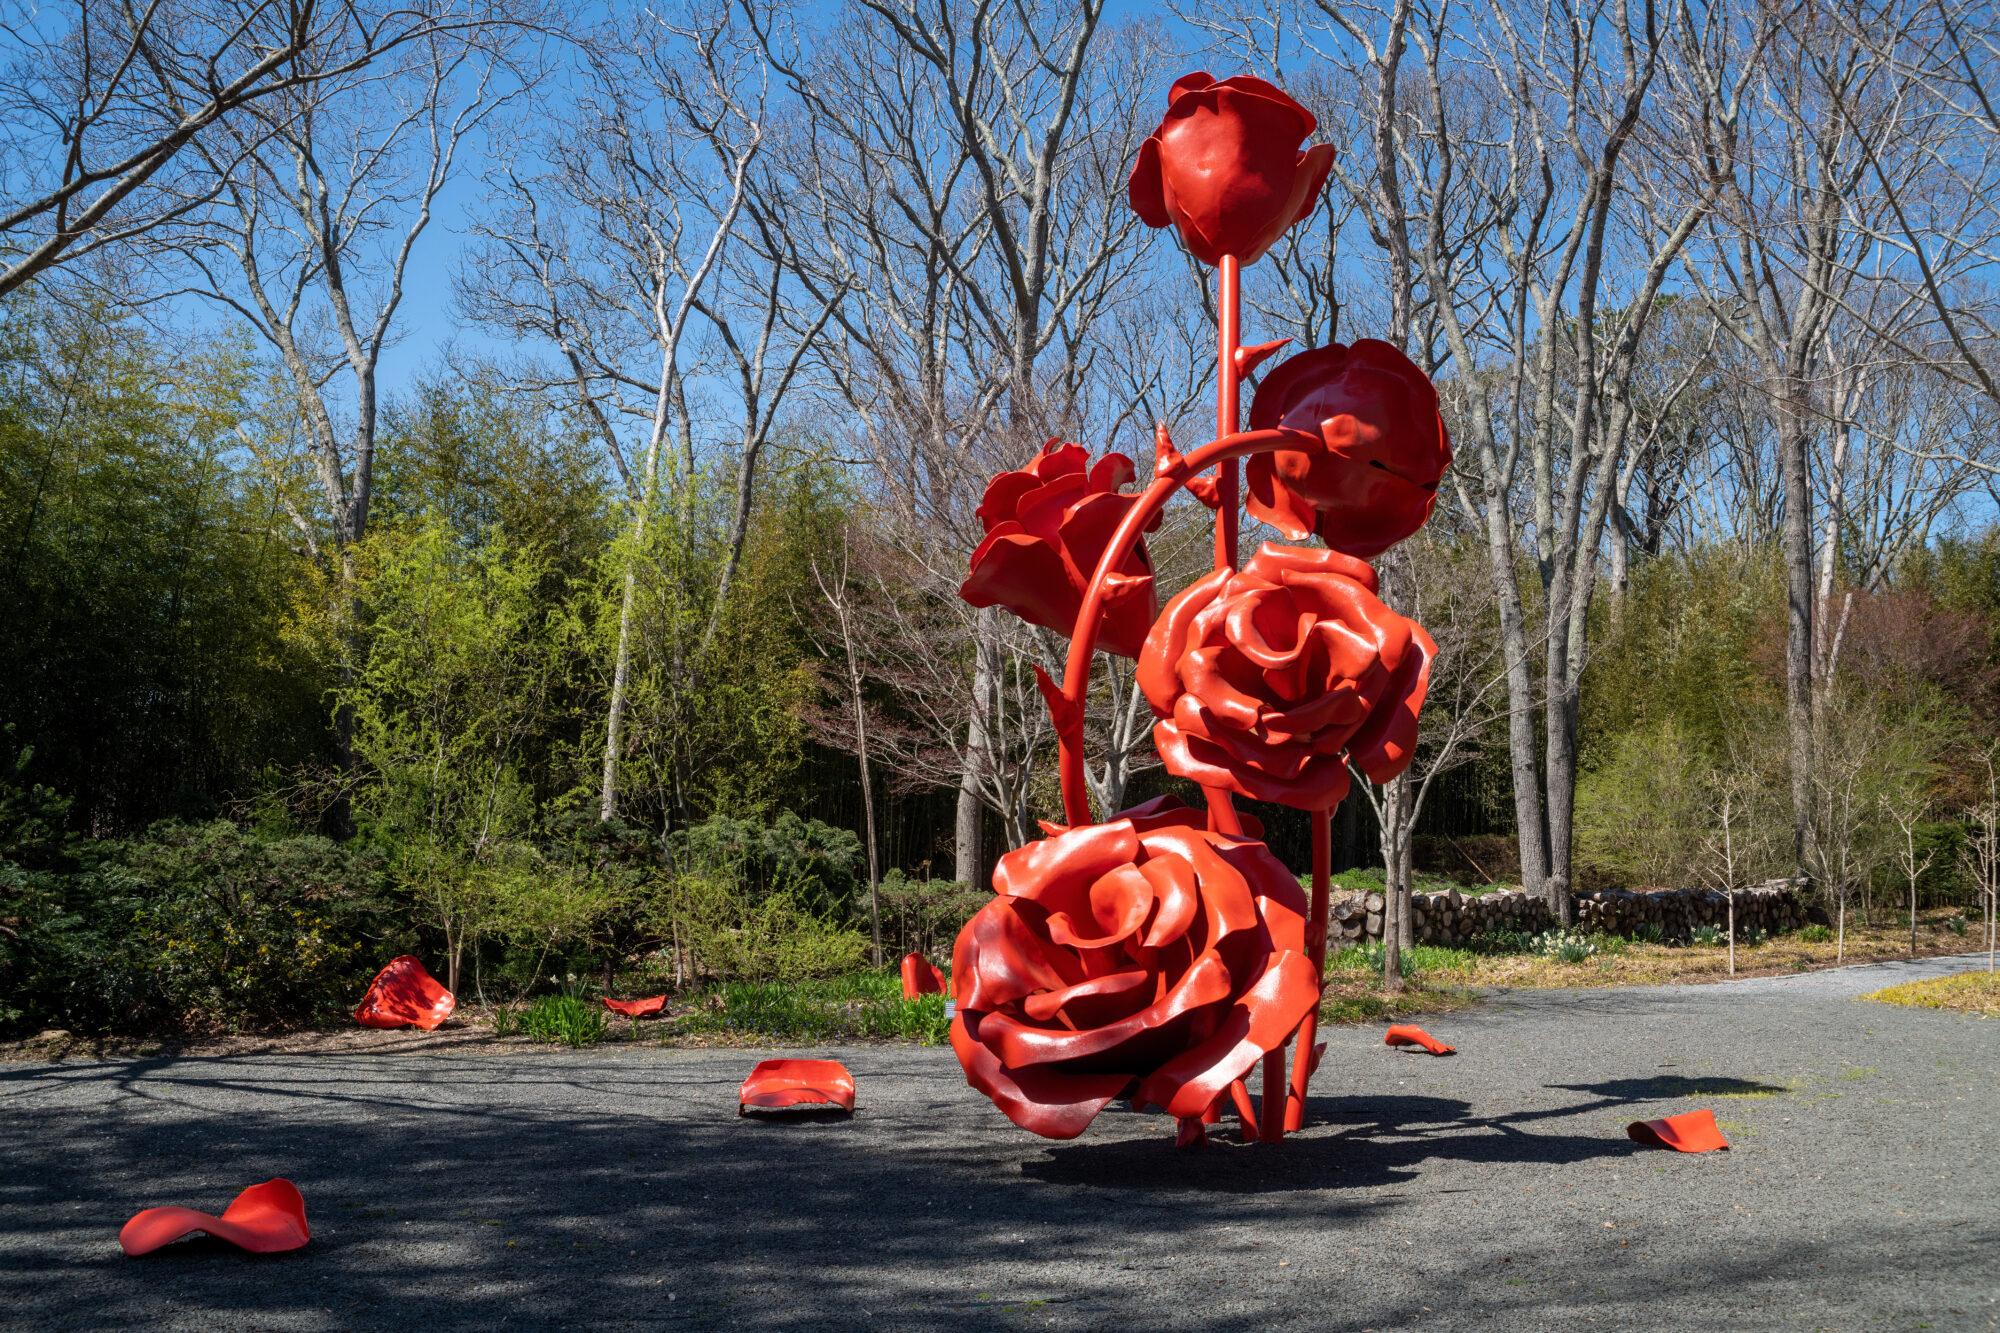 Red Rose Art Installation